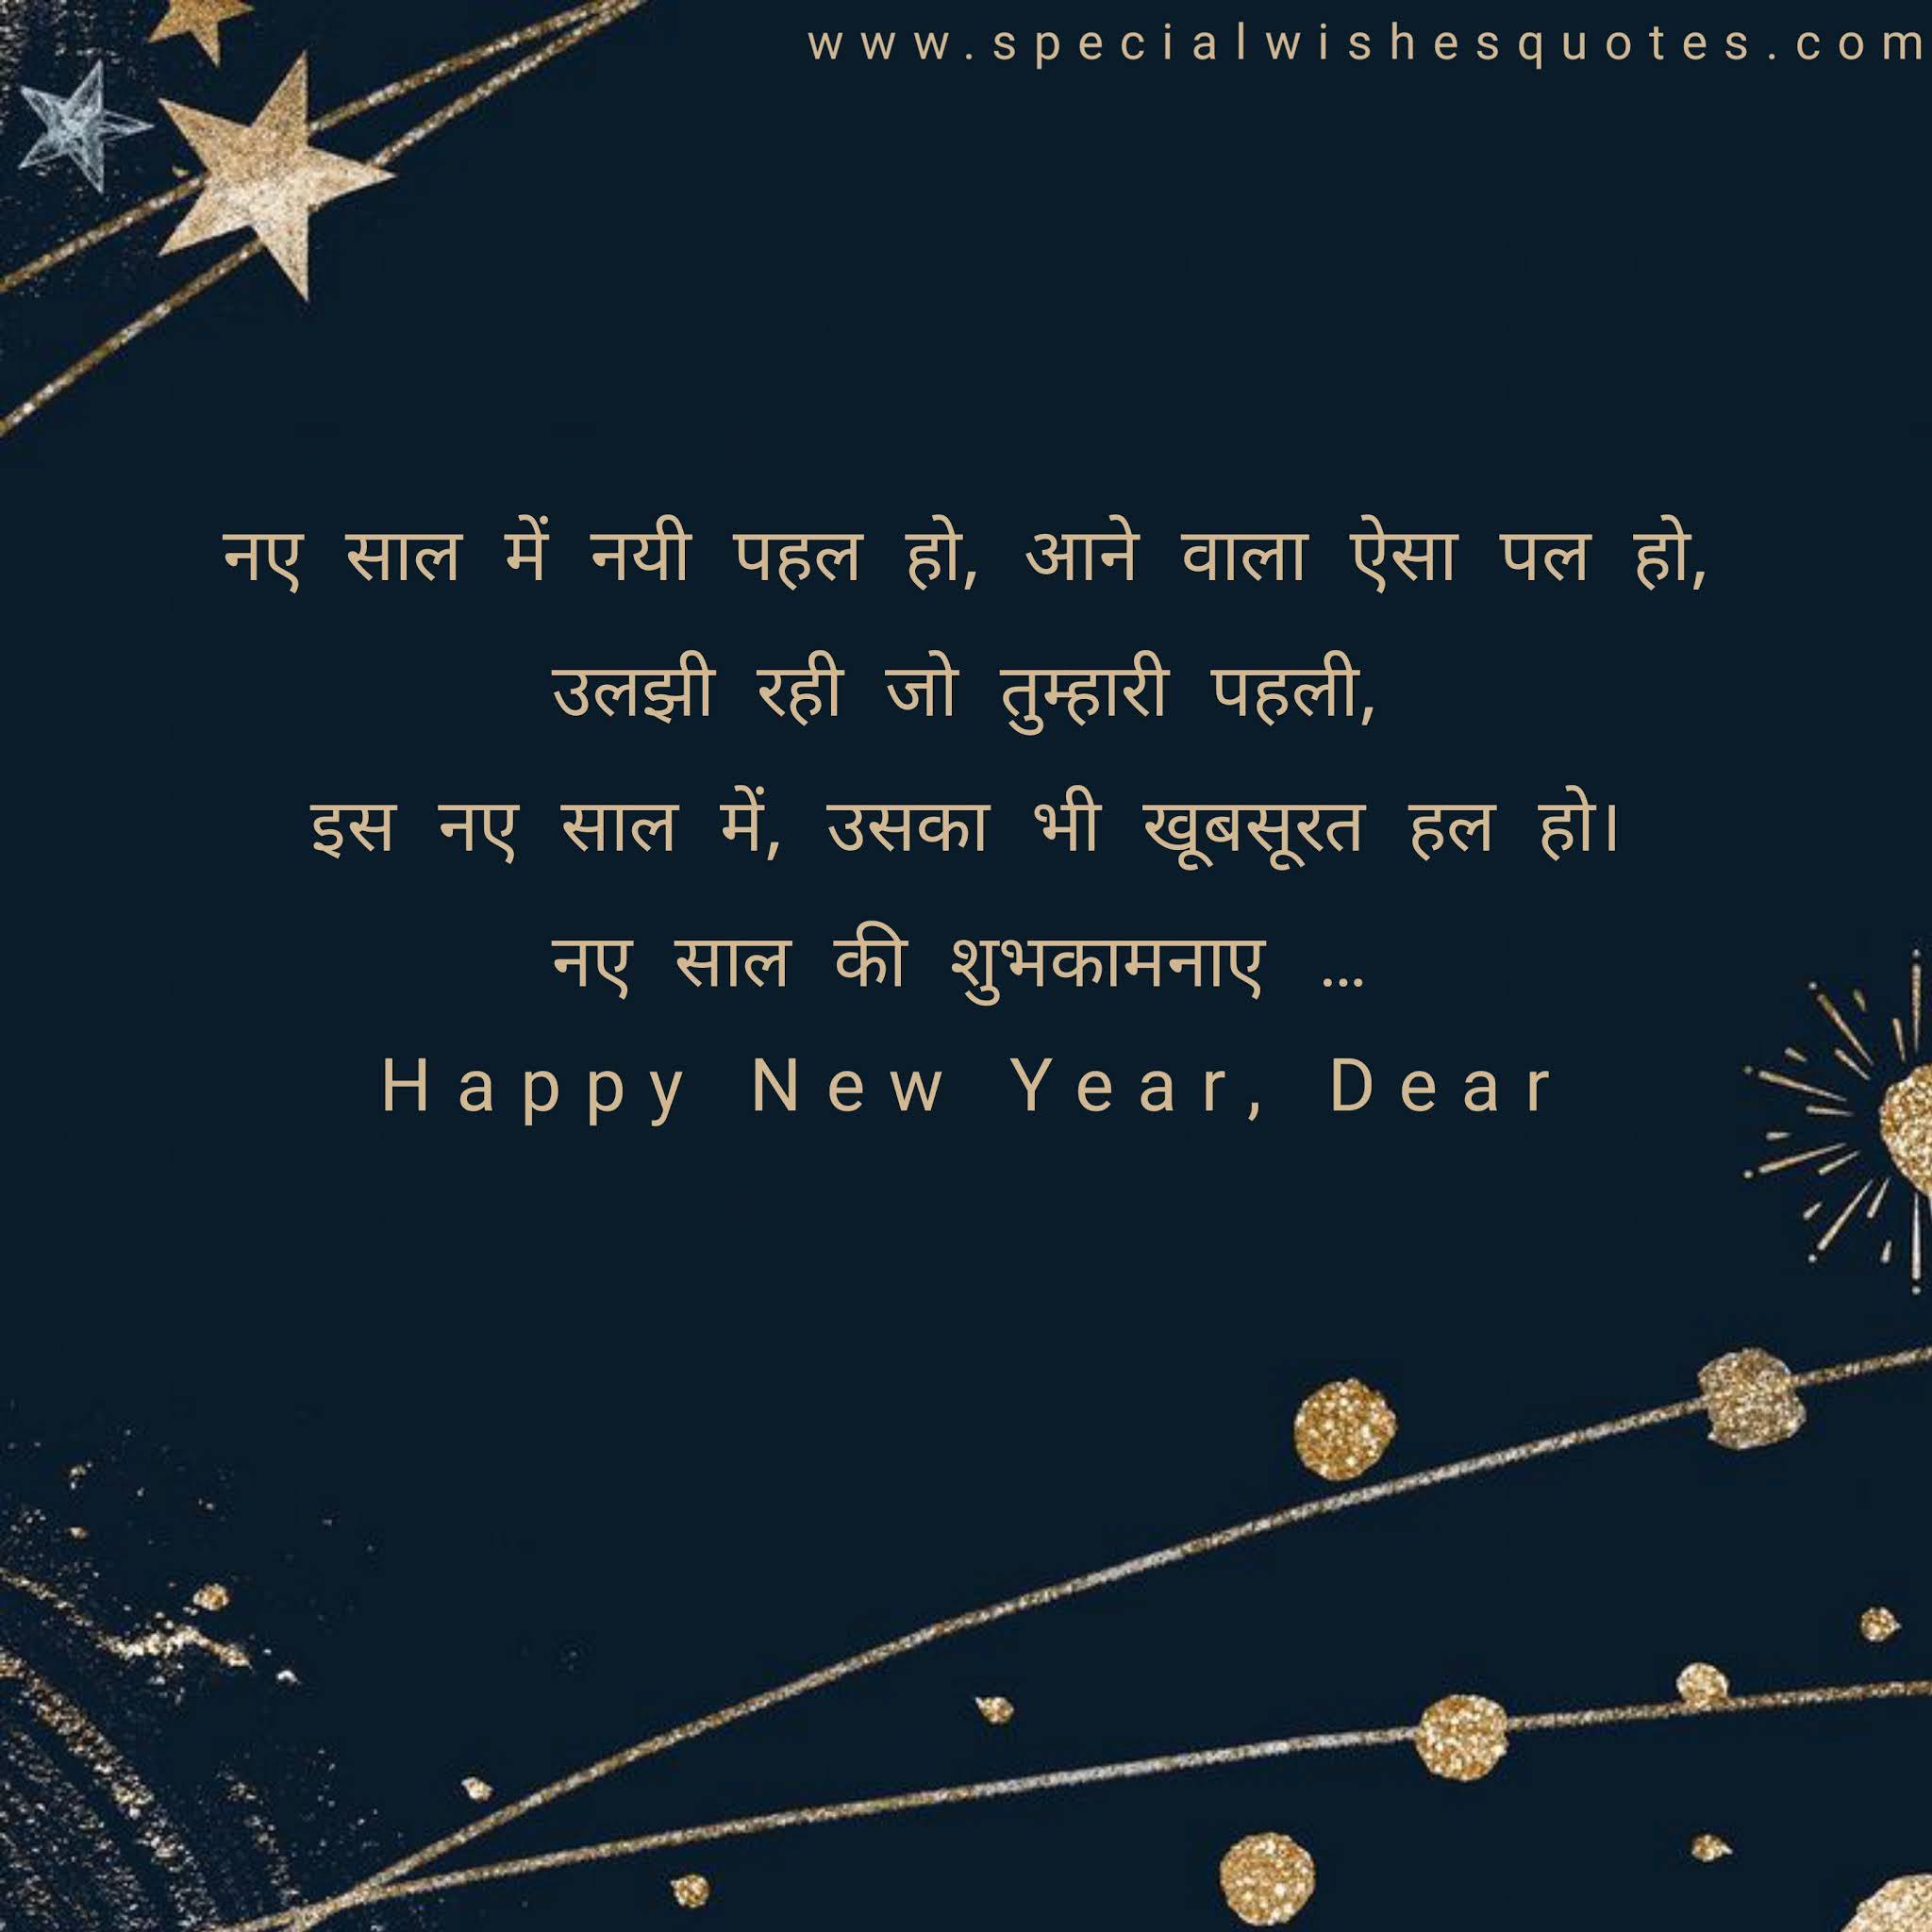 Hindi Font New Year 2021